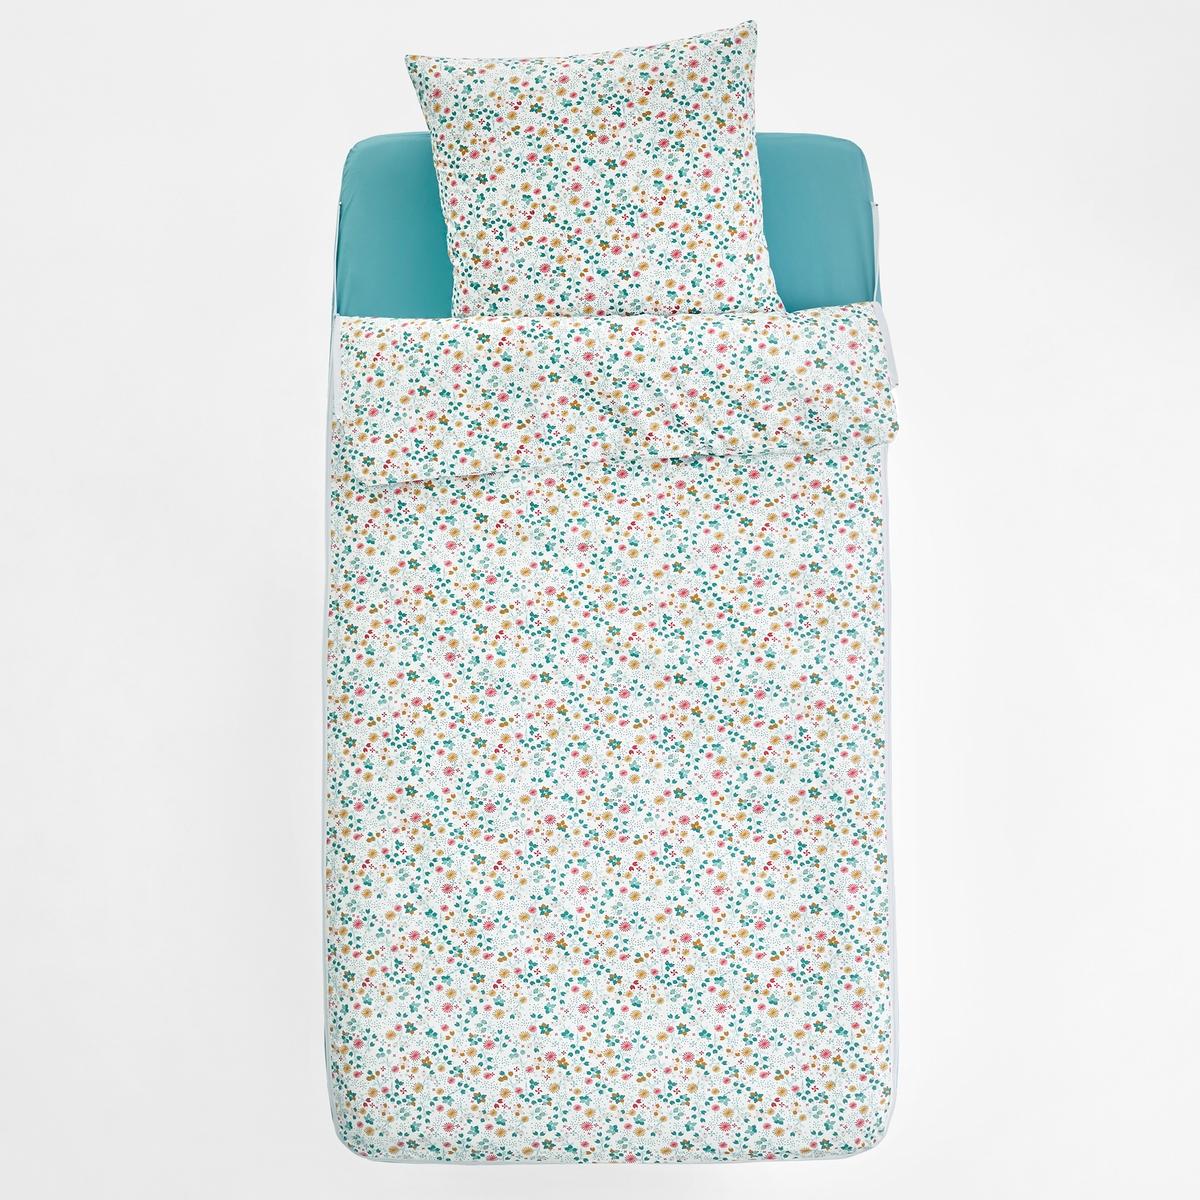 Комплект постельный с одеялом ILLONA La Redoute La Redoute 90 x 140 см разноцветный комплект постельного белья с одеялом la redoute apollo 90 x 140 см синий